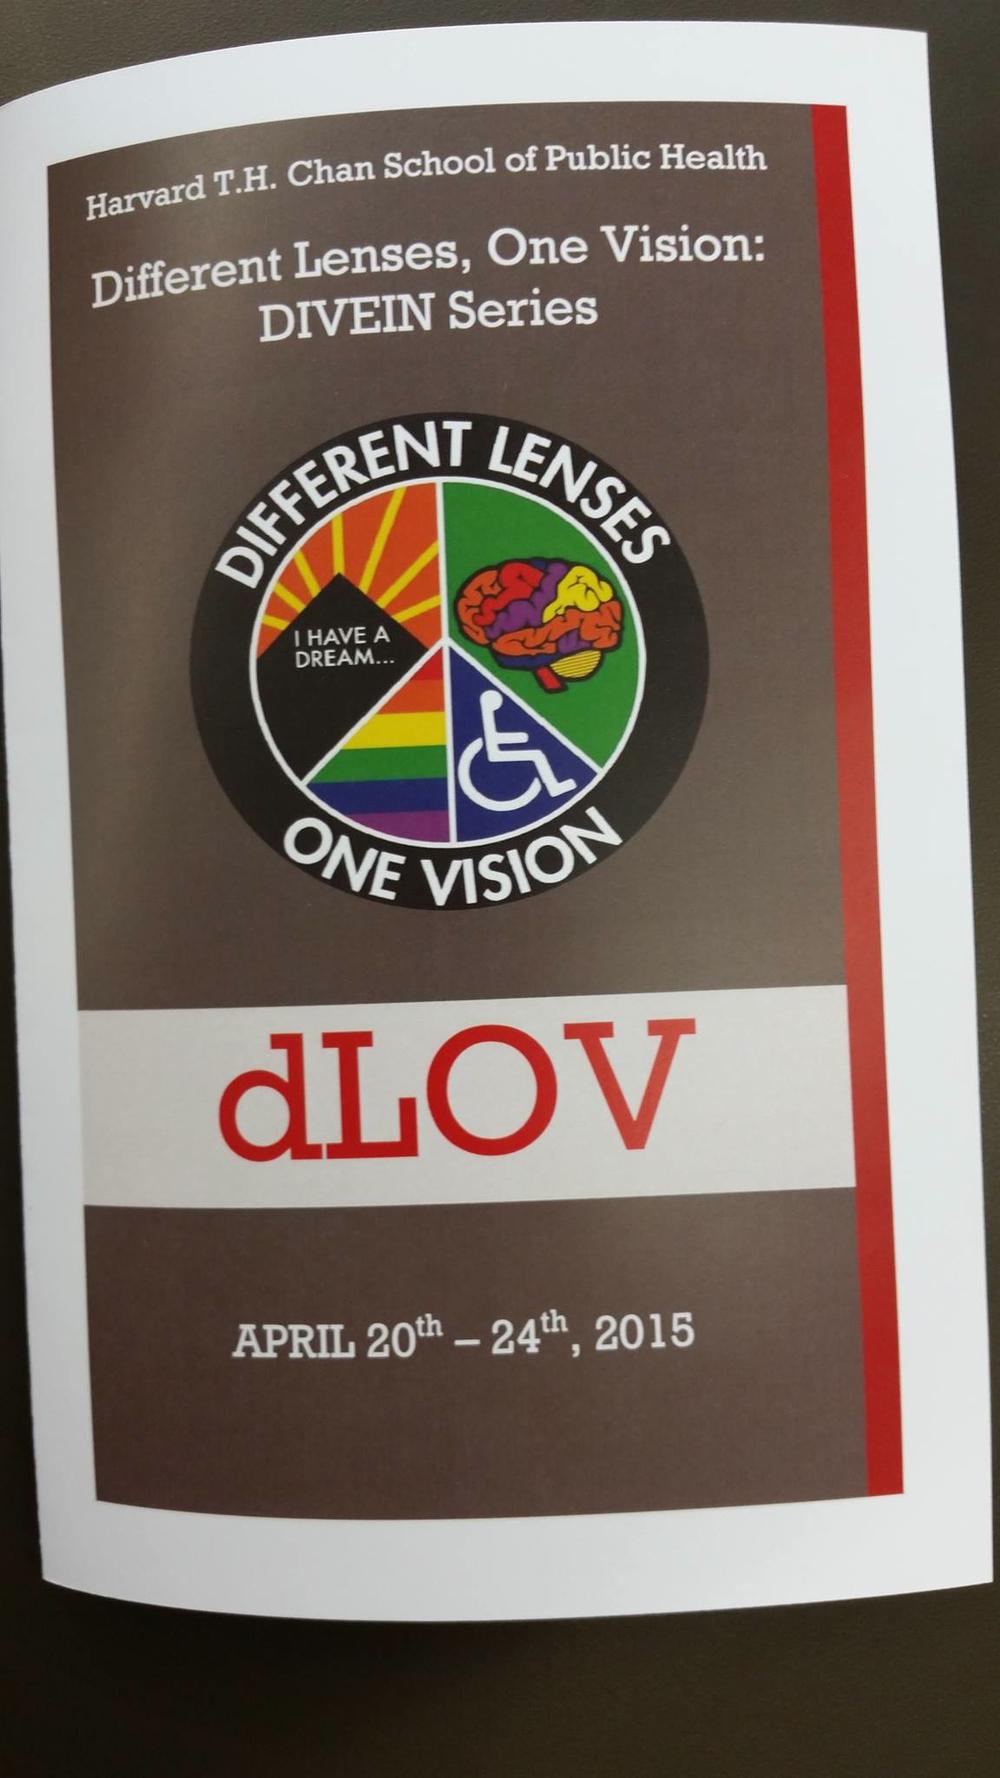 Harvard_dLOV_program.jpg